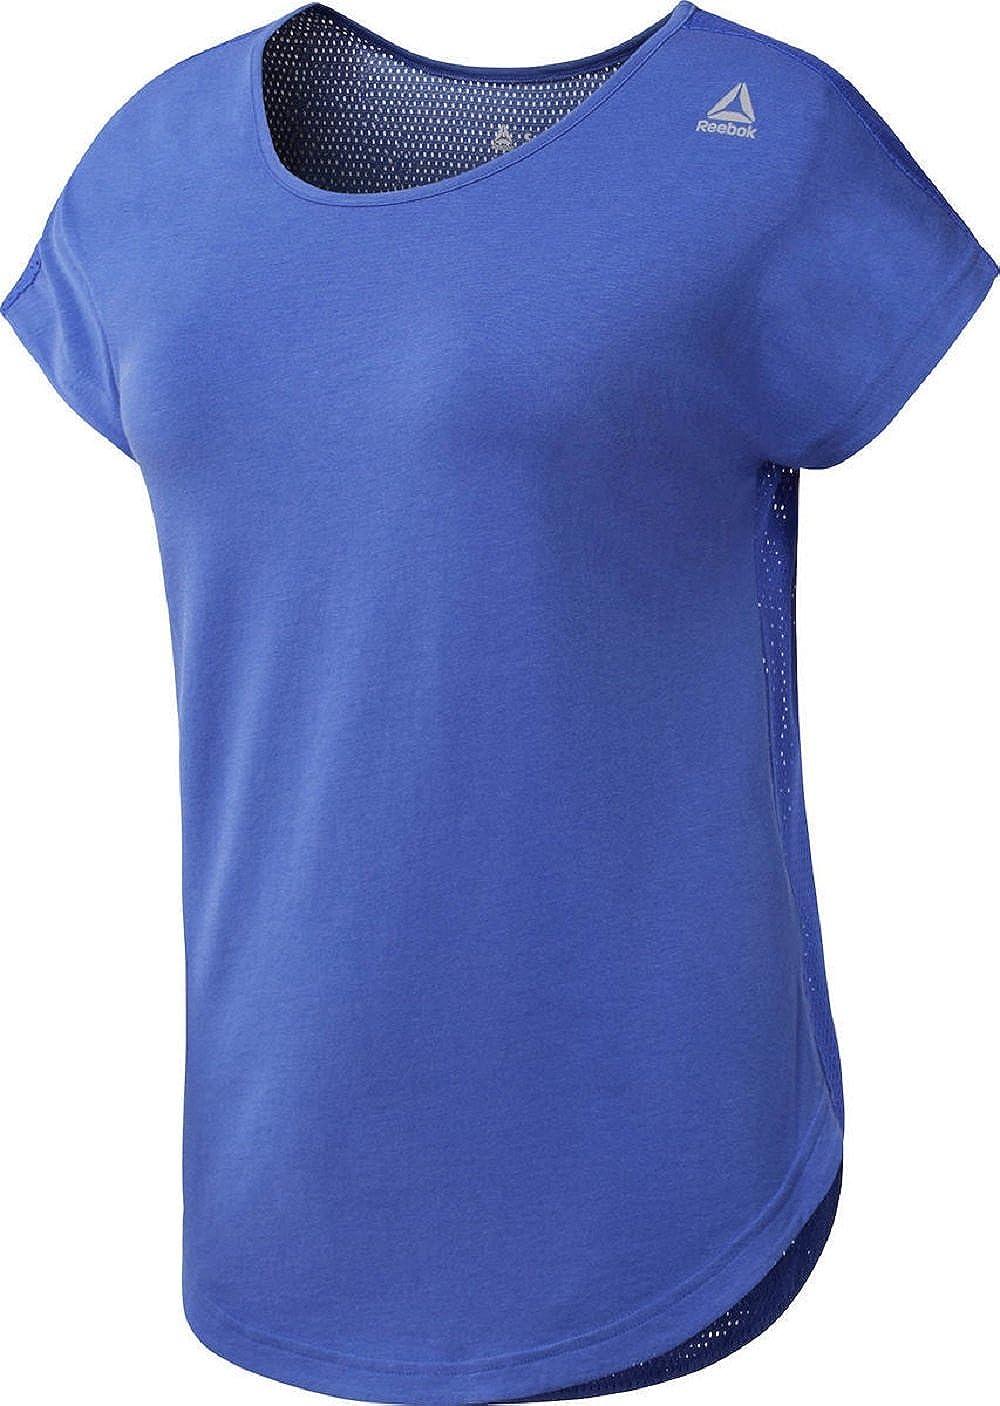 Mujer Reebok Wor Mesh Camiseta